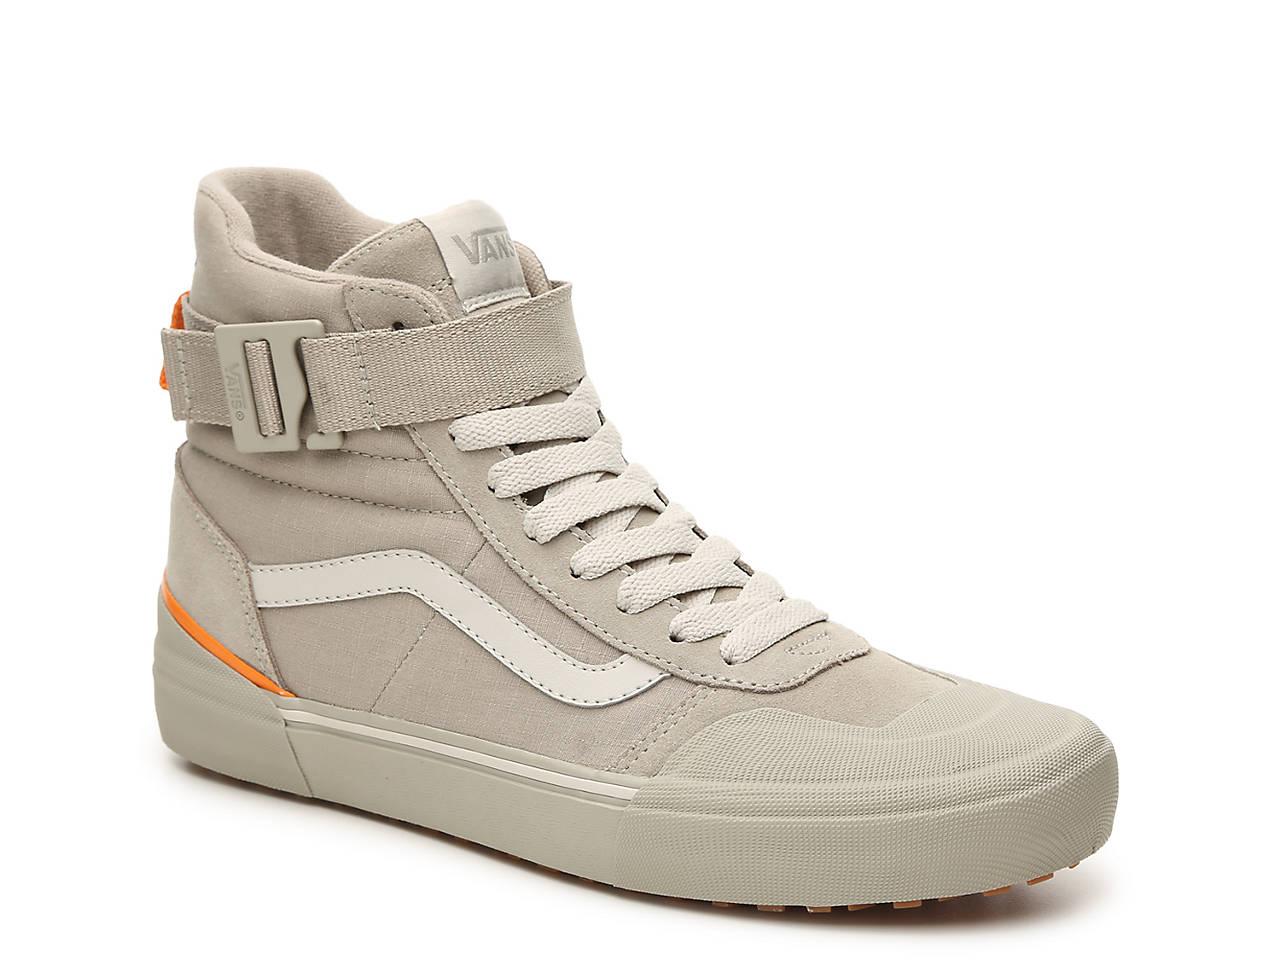 14dd53f941 Vans Ward Hi MTE High-Top Sneaker - Men s Men s Shoes